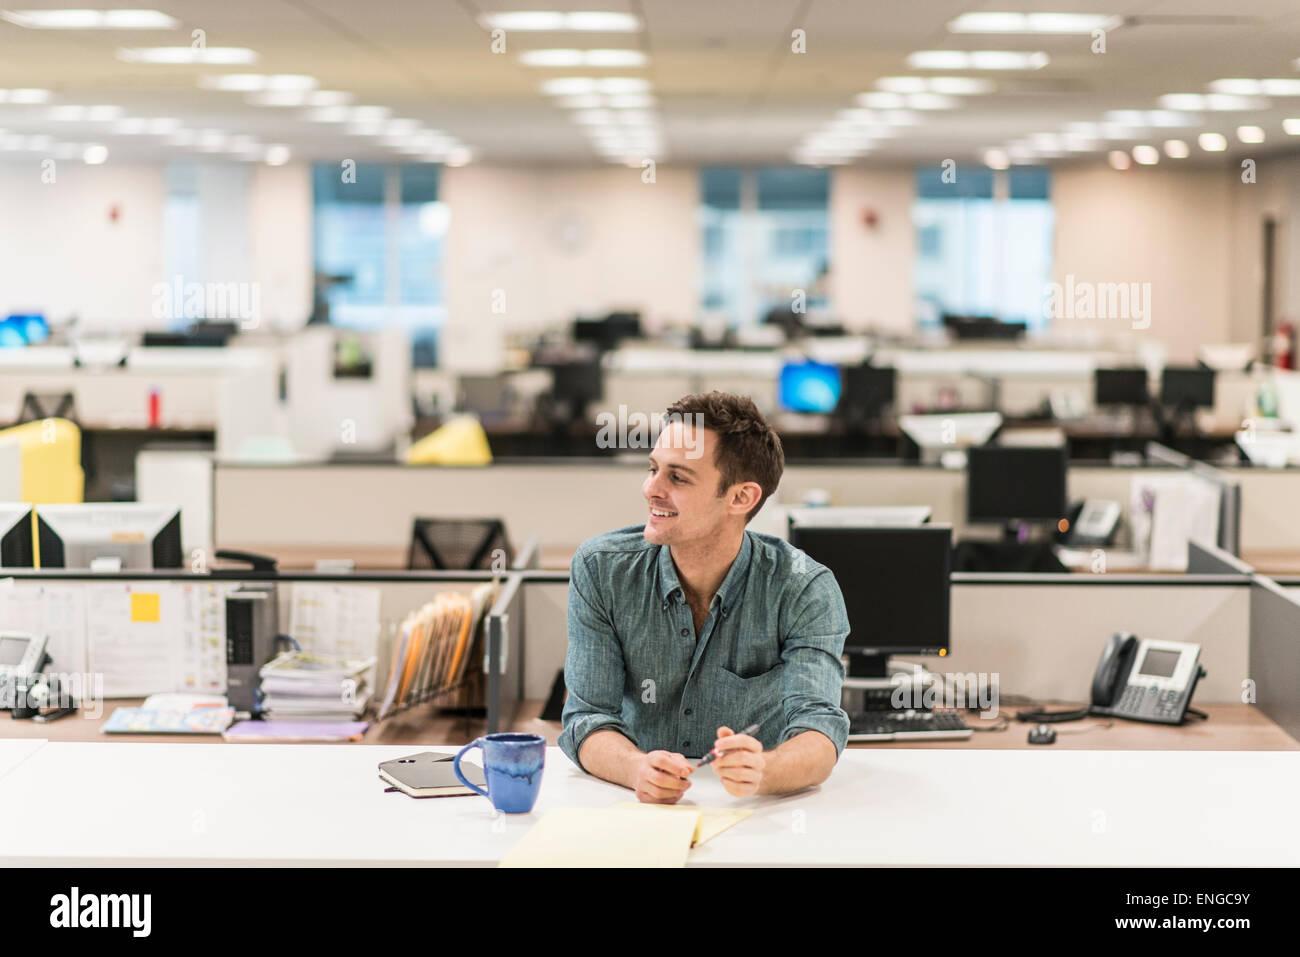 Un hombre joven sentado en un escritorio en una oficina. Imagen De Stock